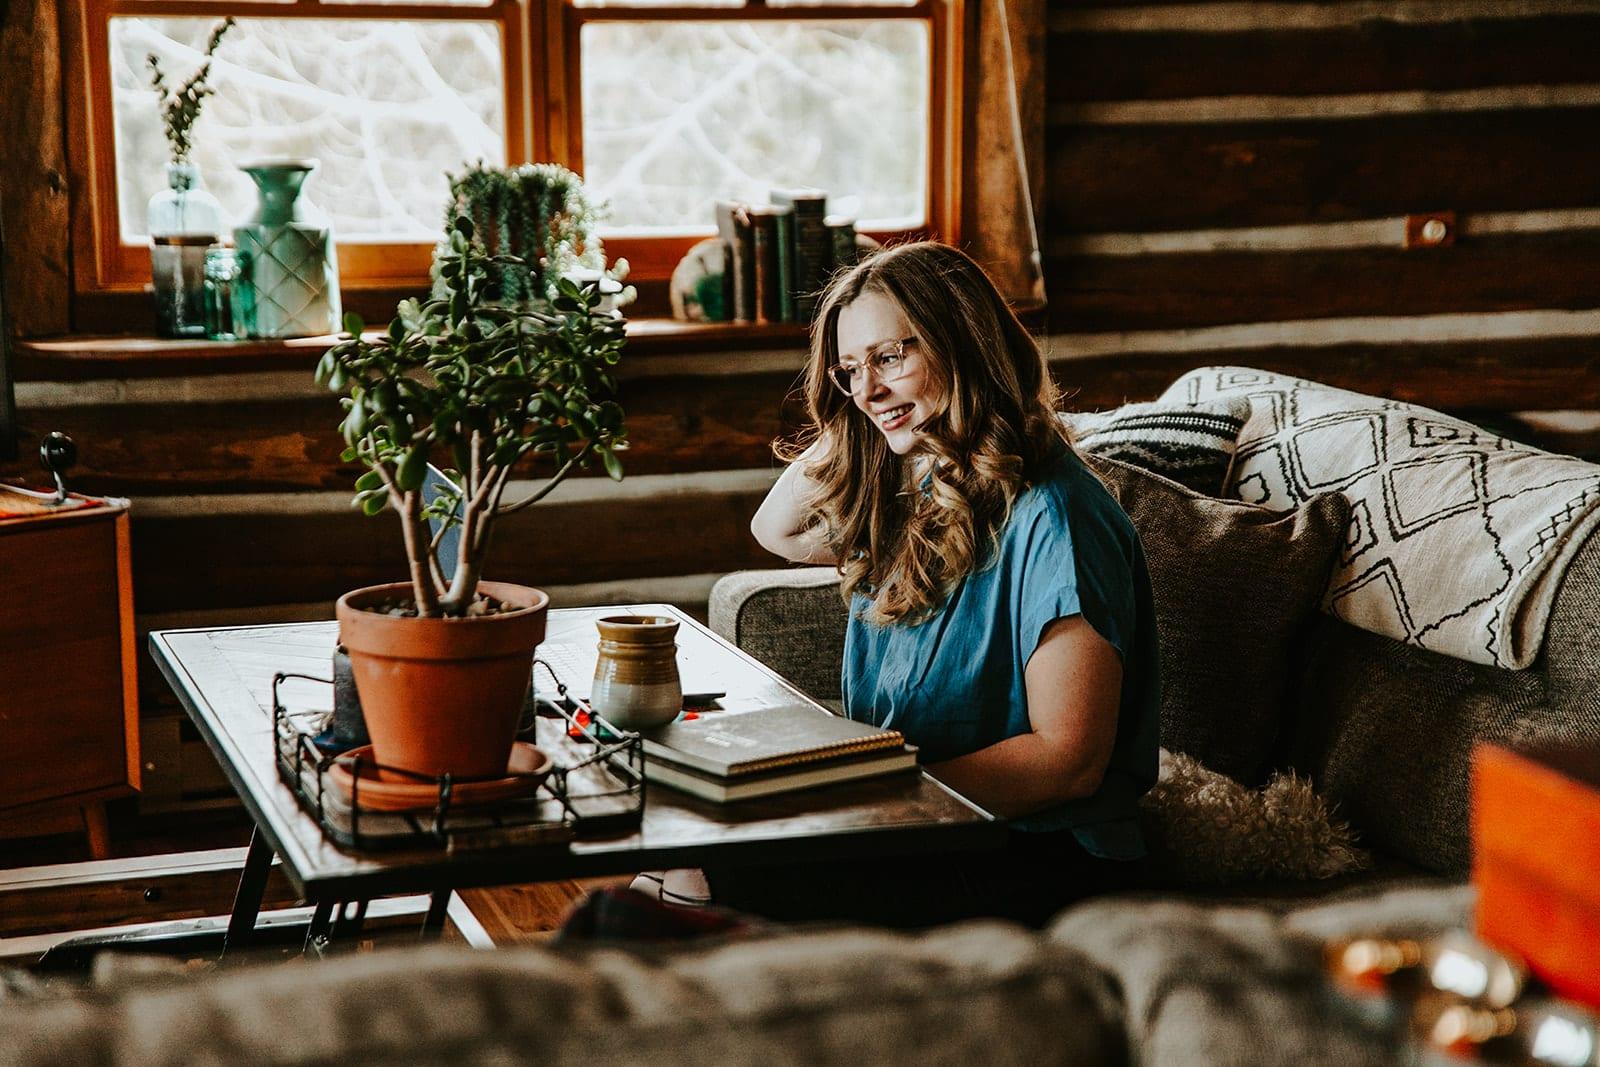 Colorado website designer Chaucee Stillman